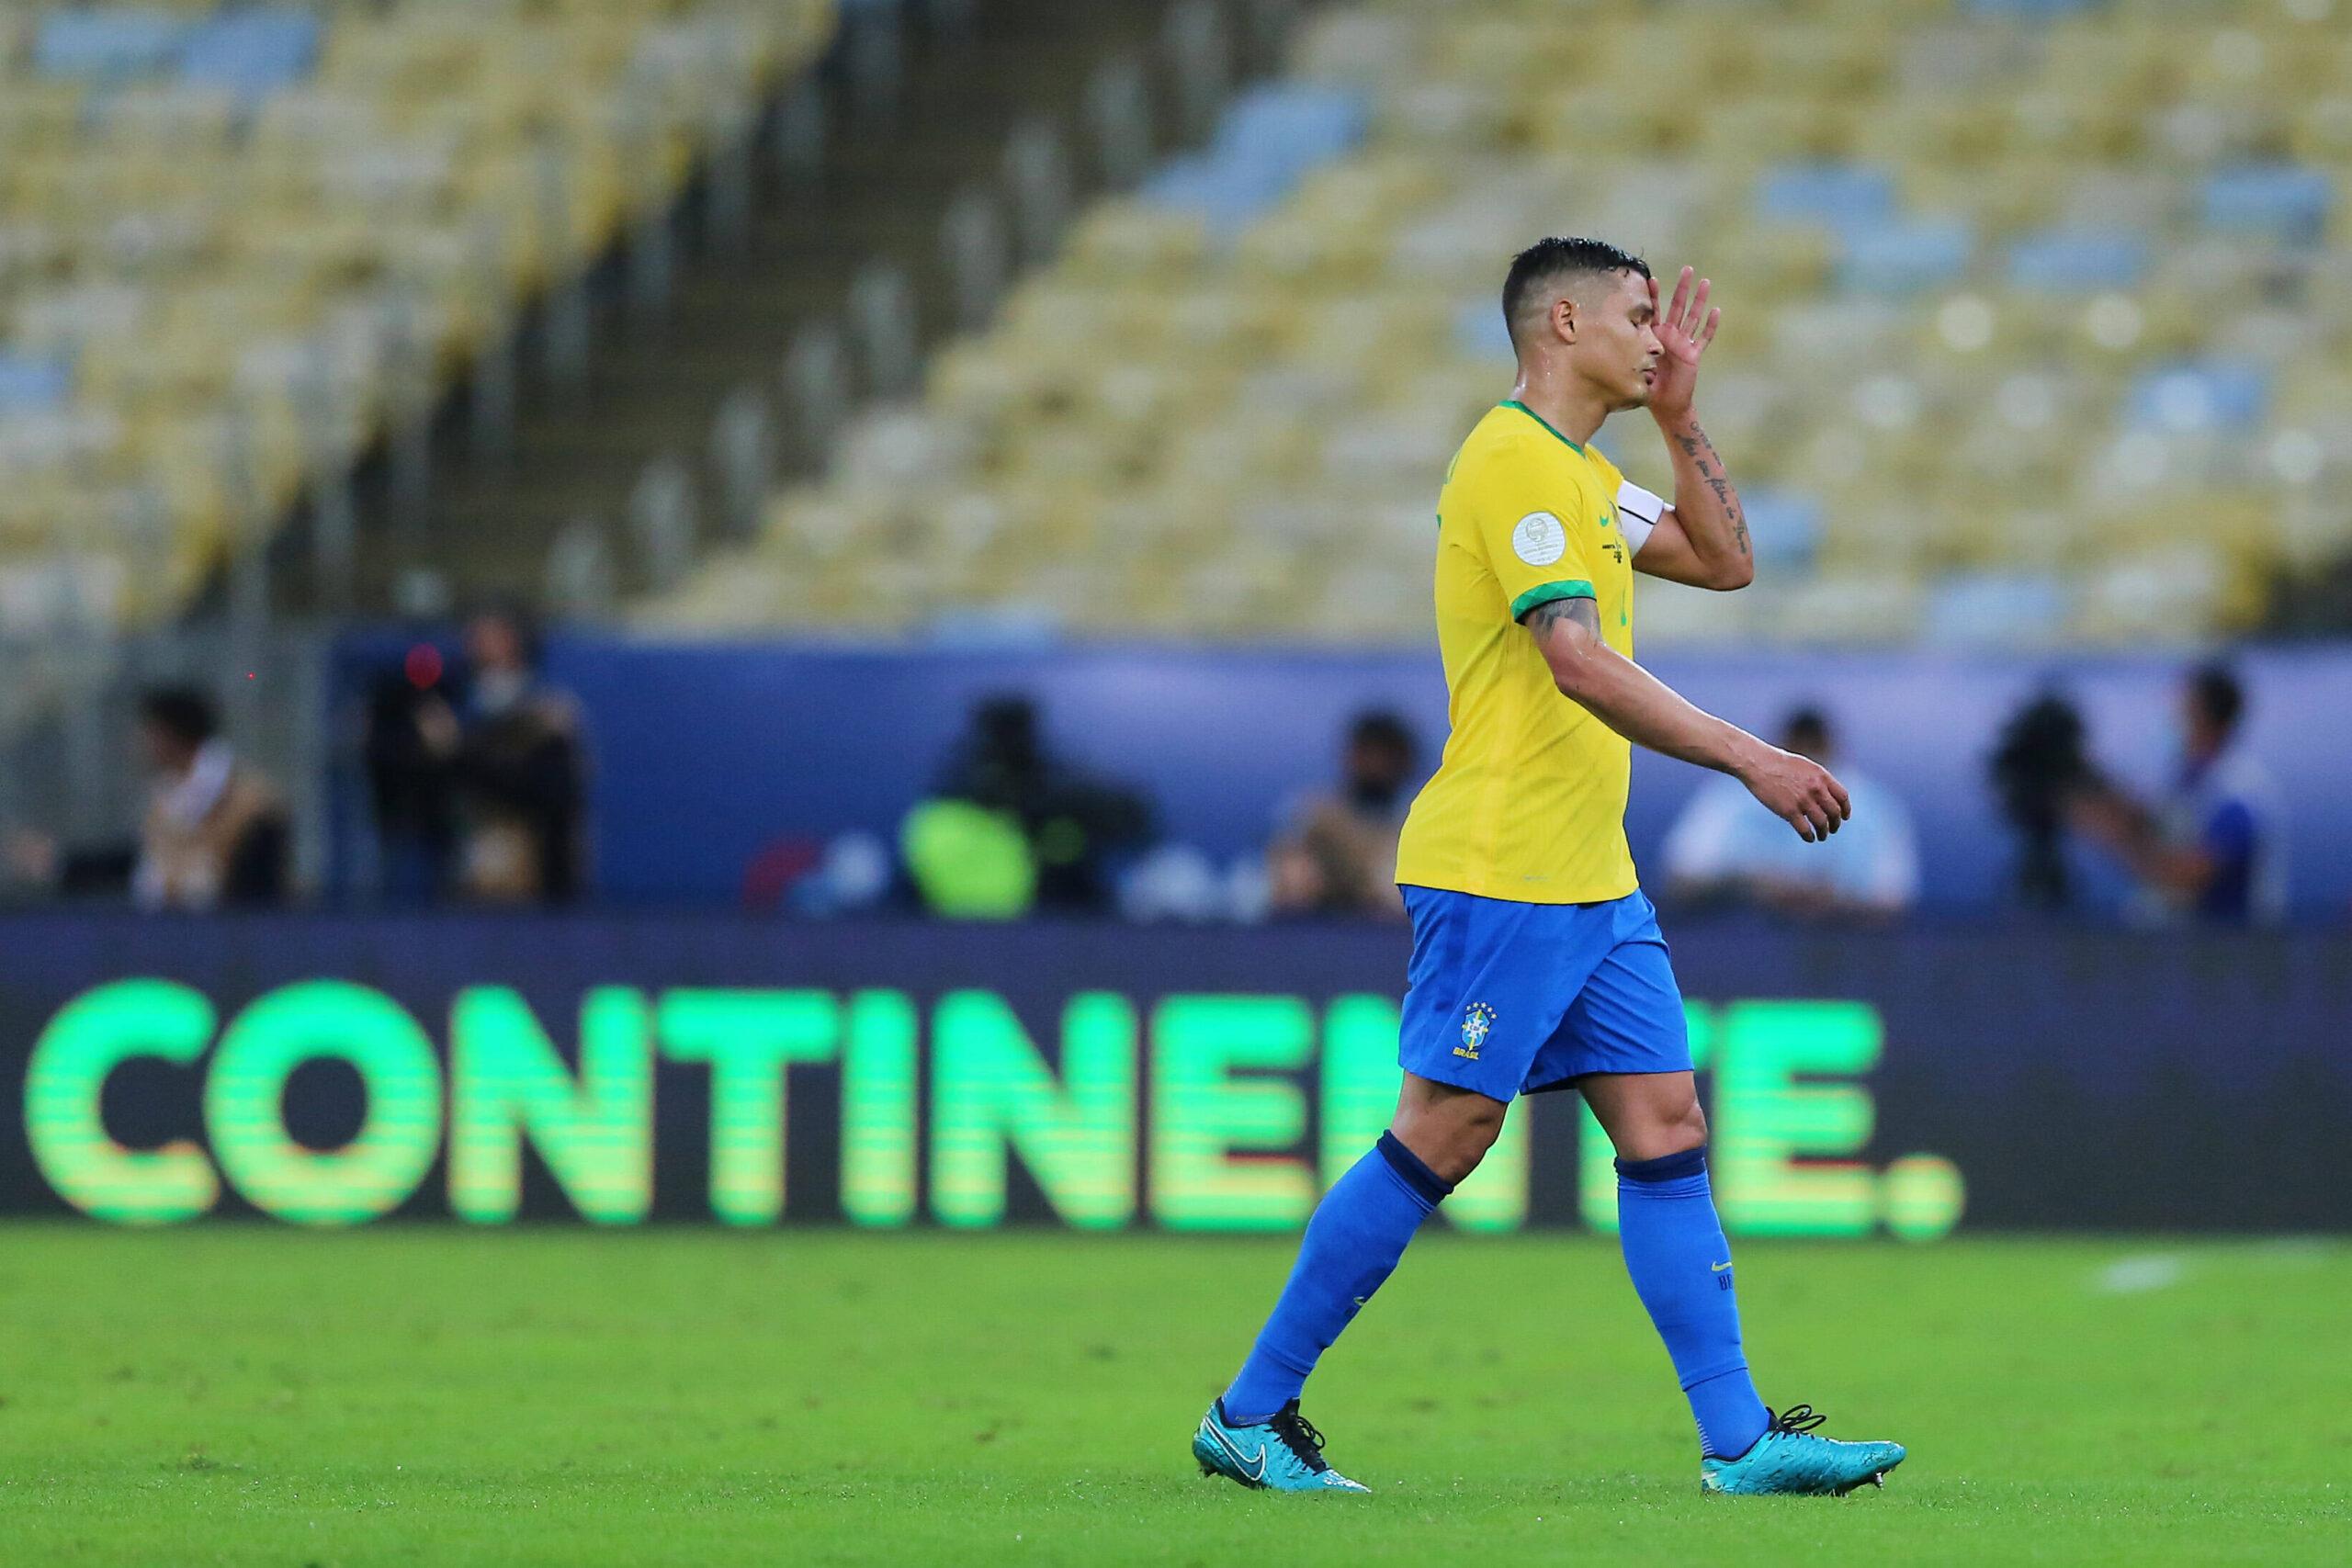 El as del Chelsea sigue criticando a los brasileños que se lanzaron contra ellos para perder contra Argentina en la final de la Copa América